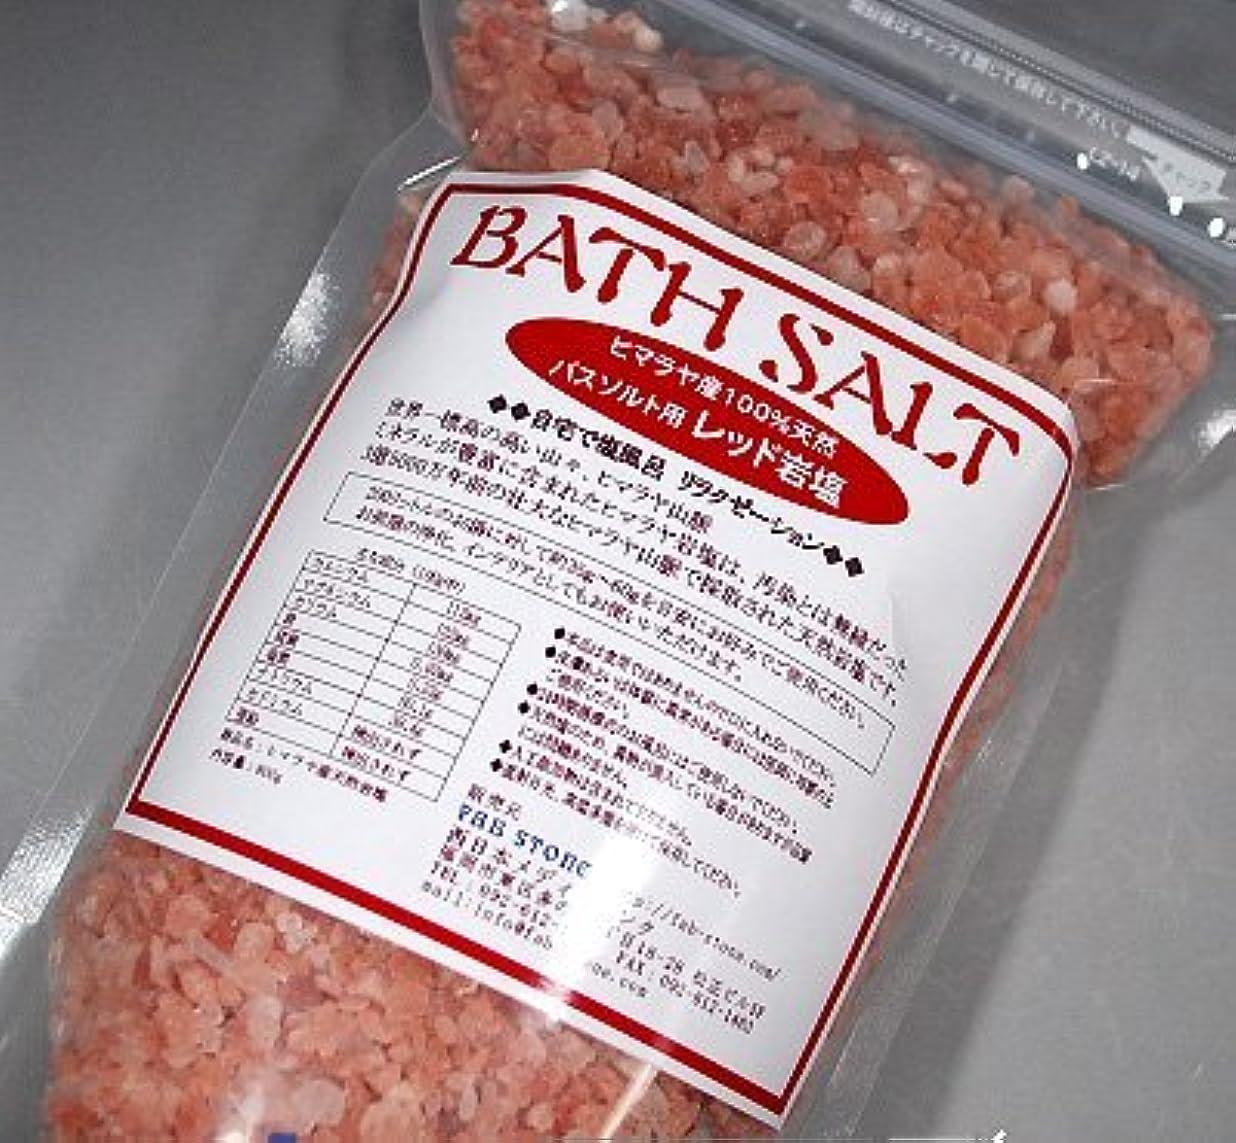 バースト司令官キネマティクスバスソルト ローズ 岩塩 天然 ヒマラヤ産 3‐8mm粒800g 入浴用